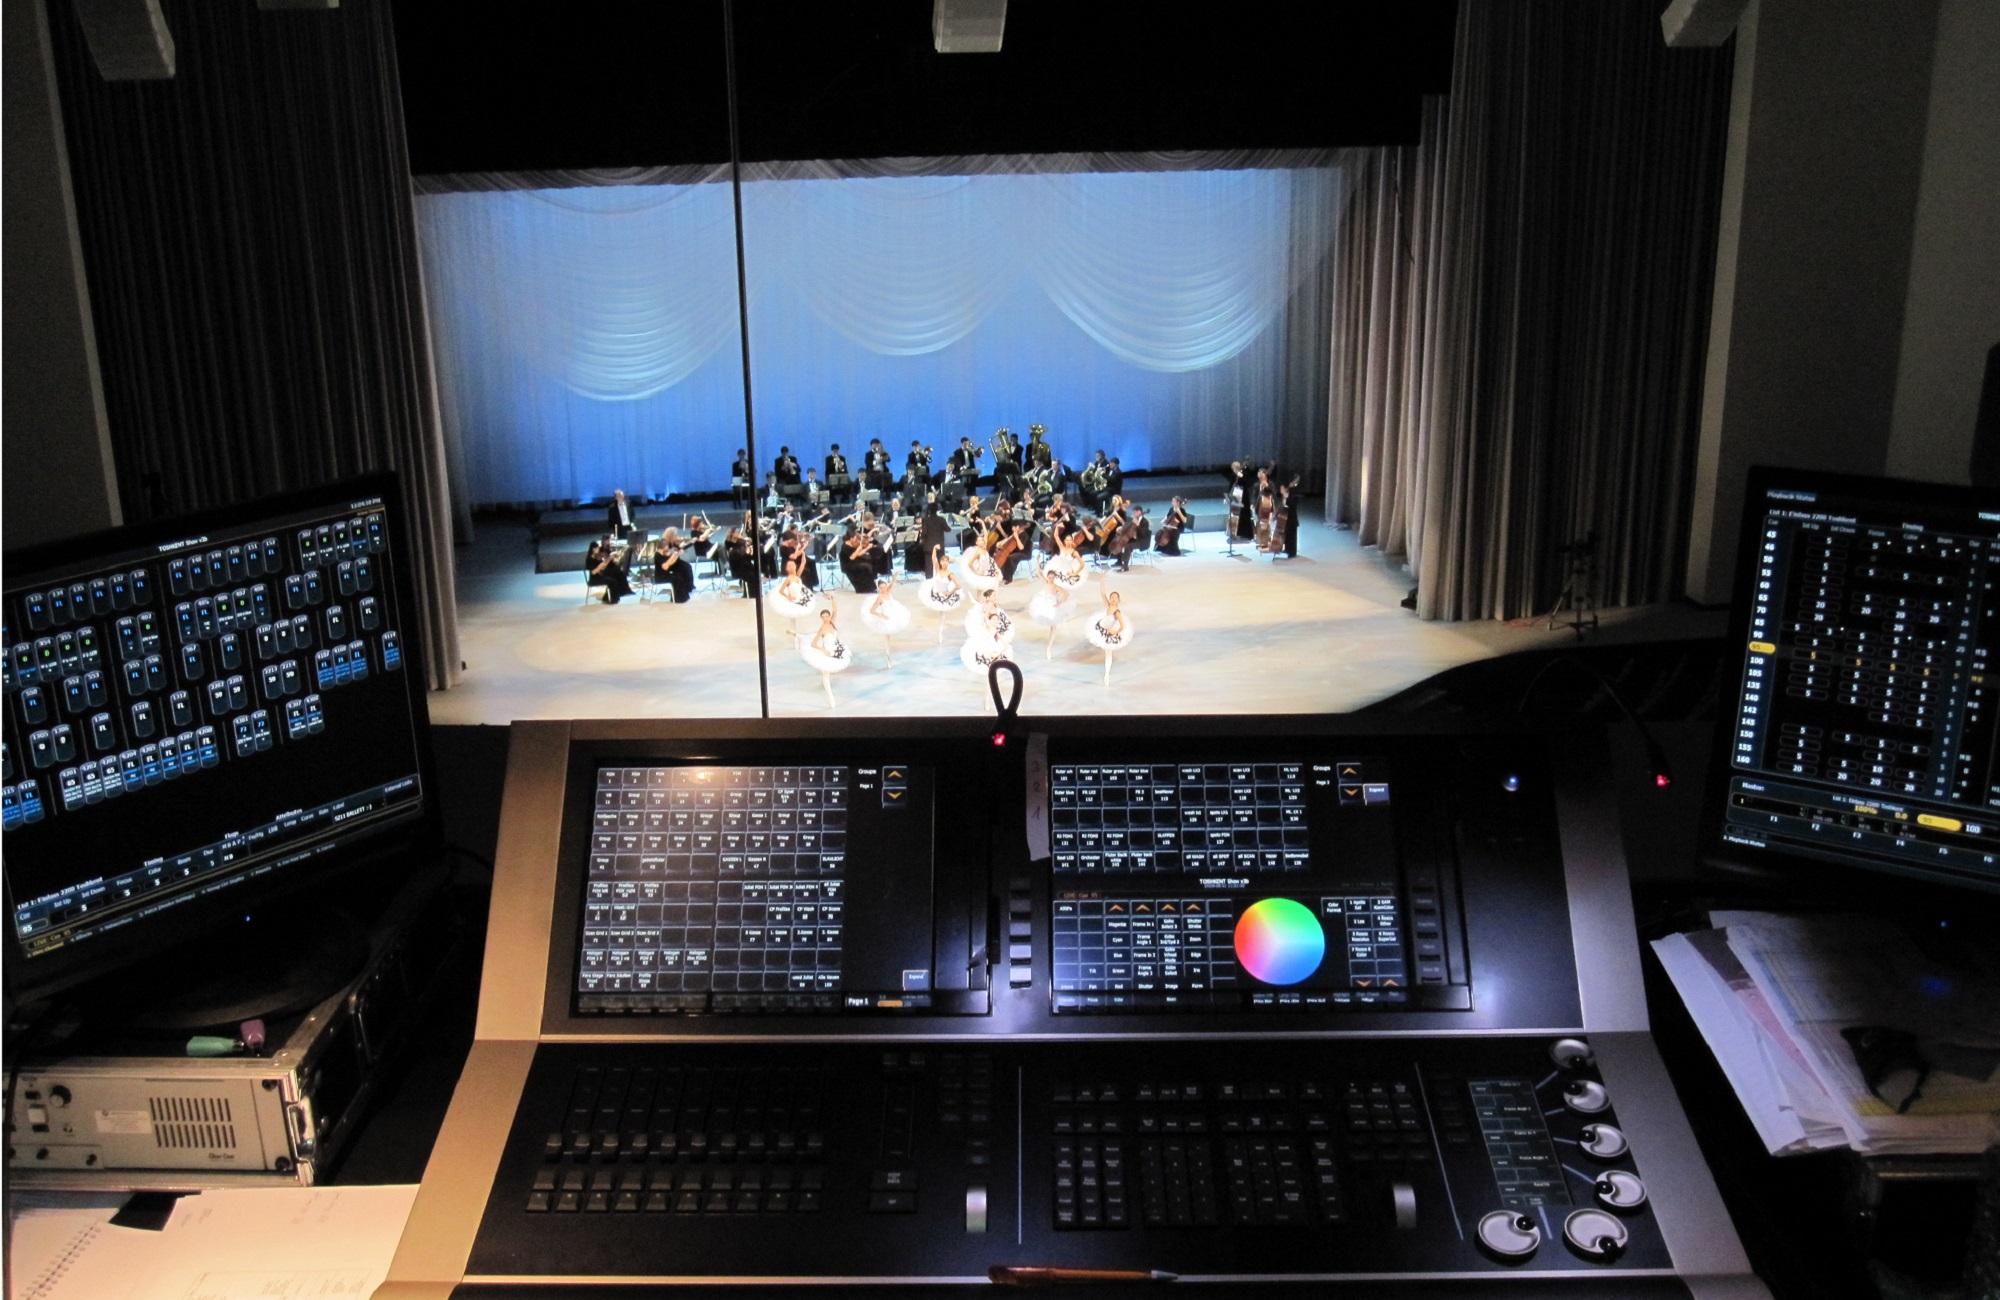 Regie der Bühnenbeleuchtung mit Beleuchtungspult